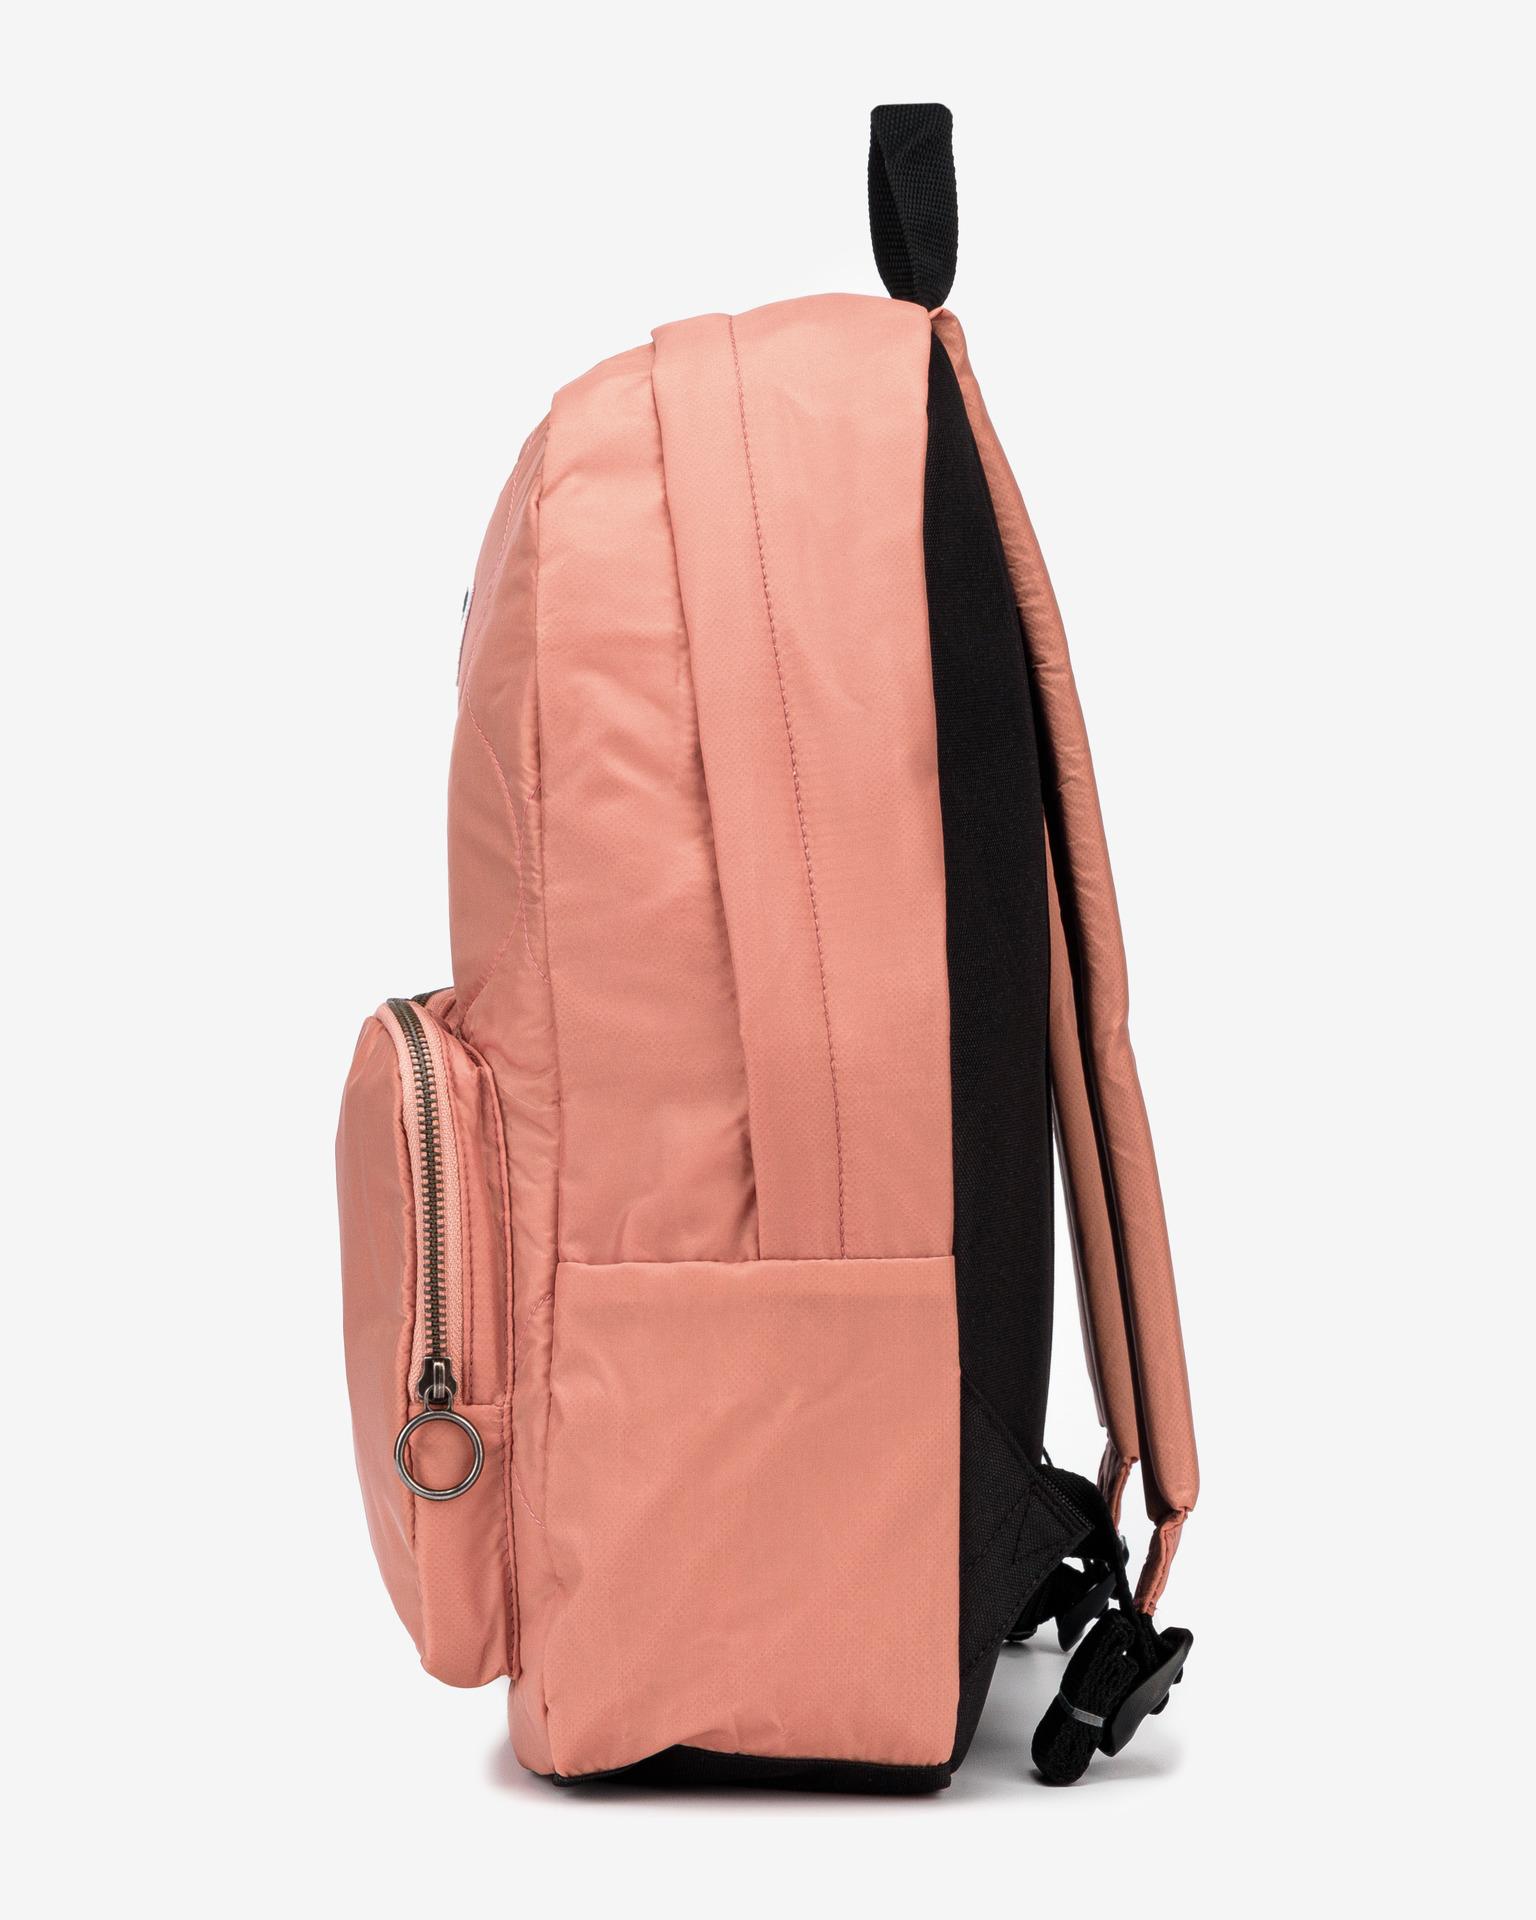 Vans pink backpack Long Haul